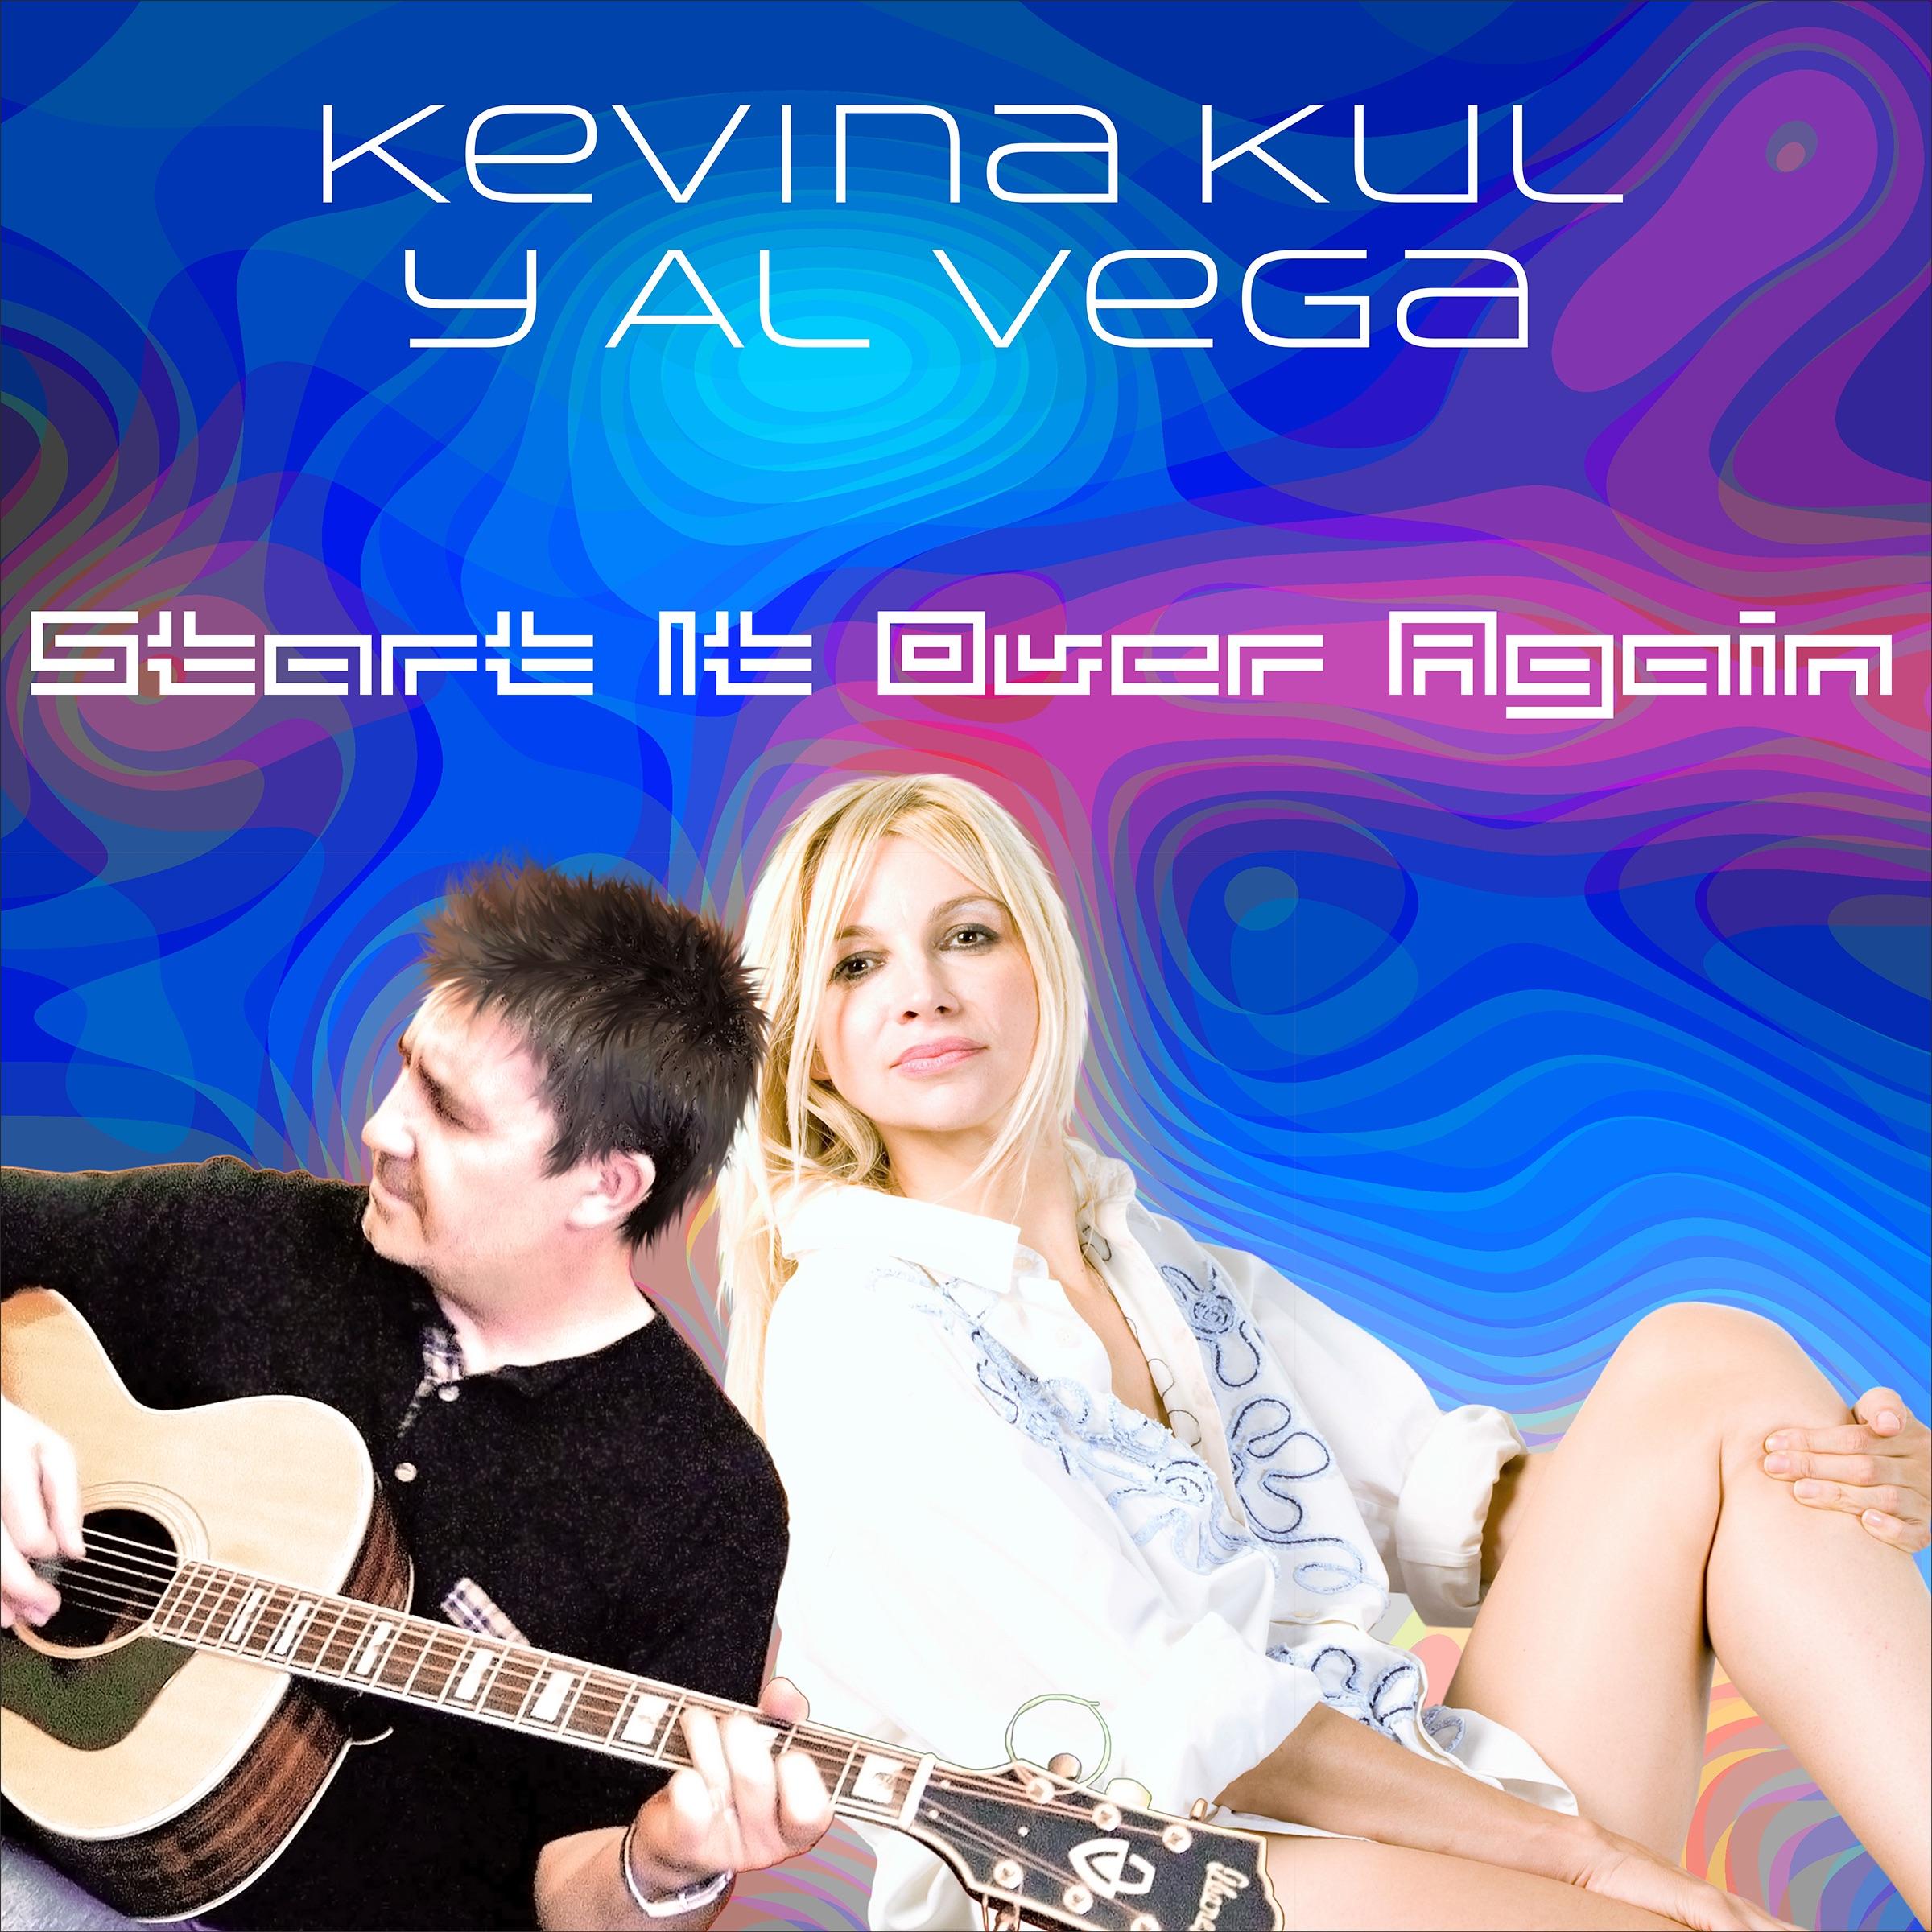 Start It over Again - Single